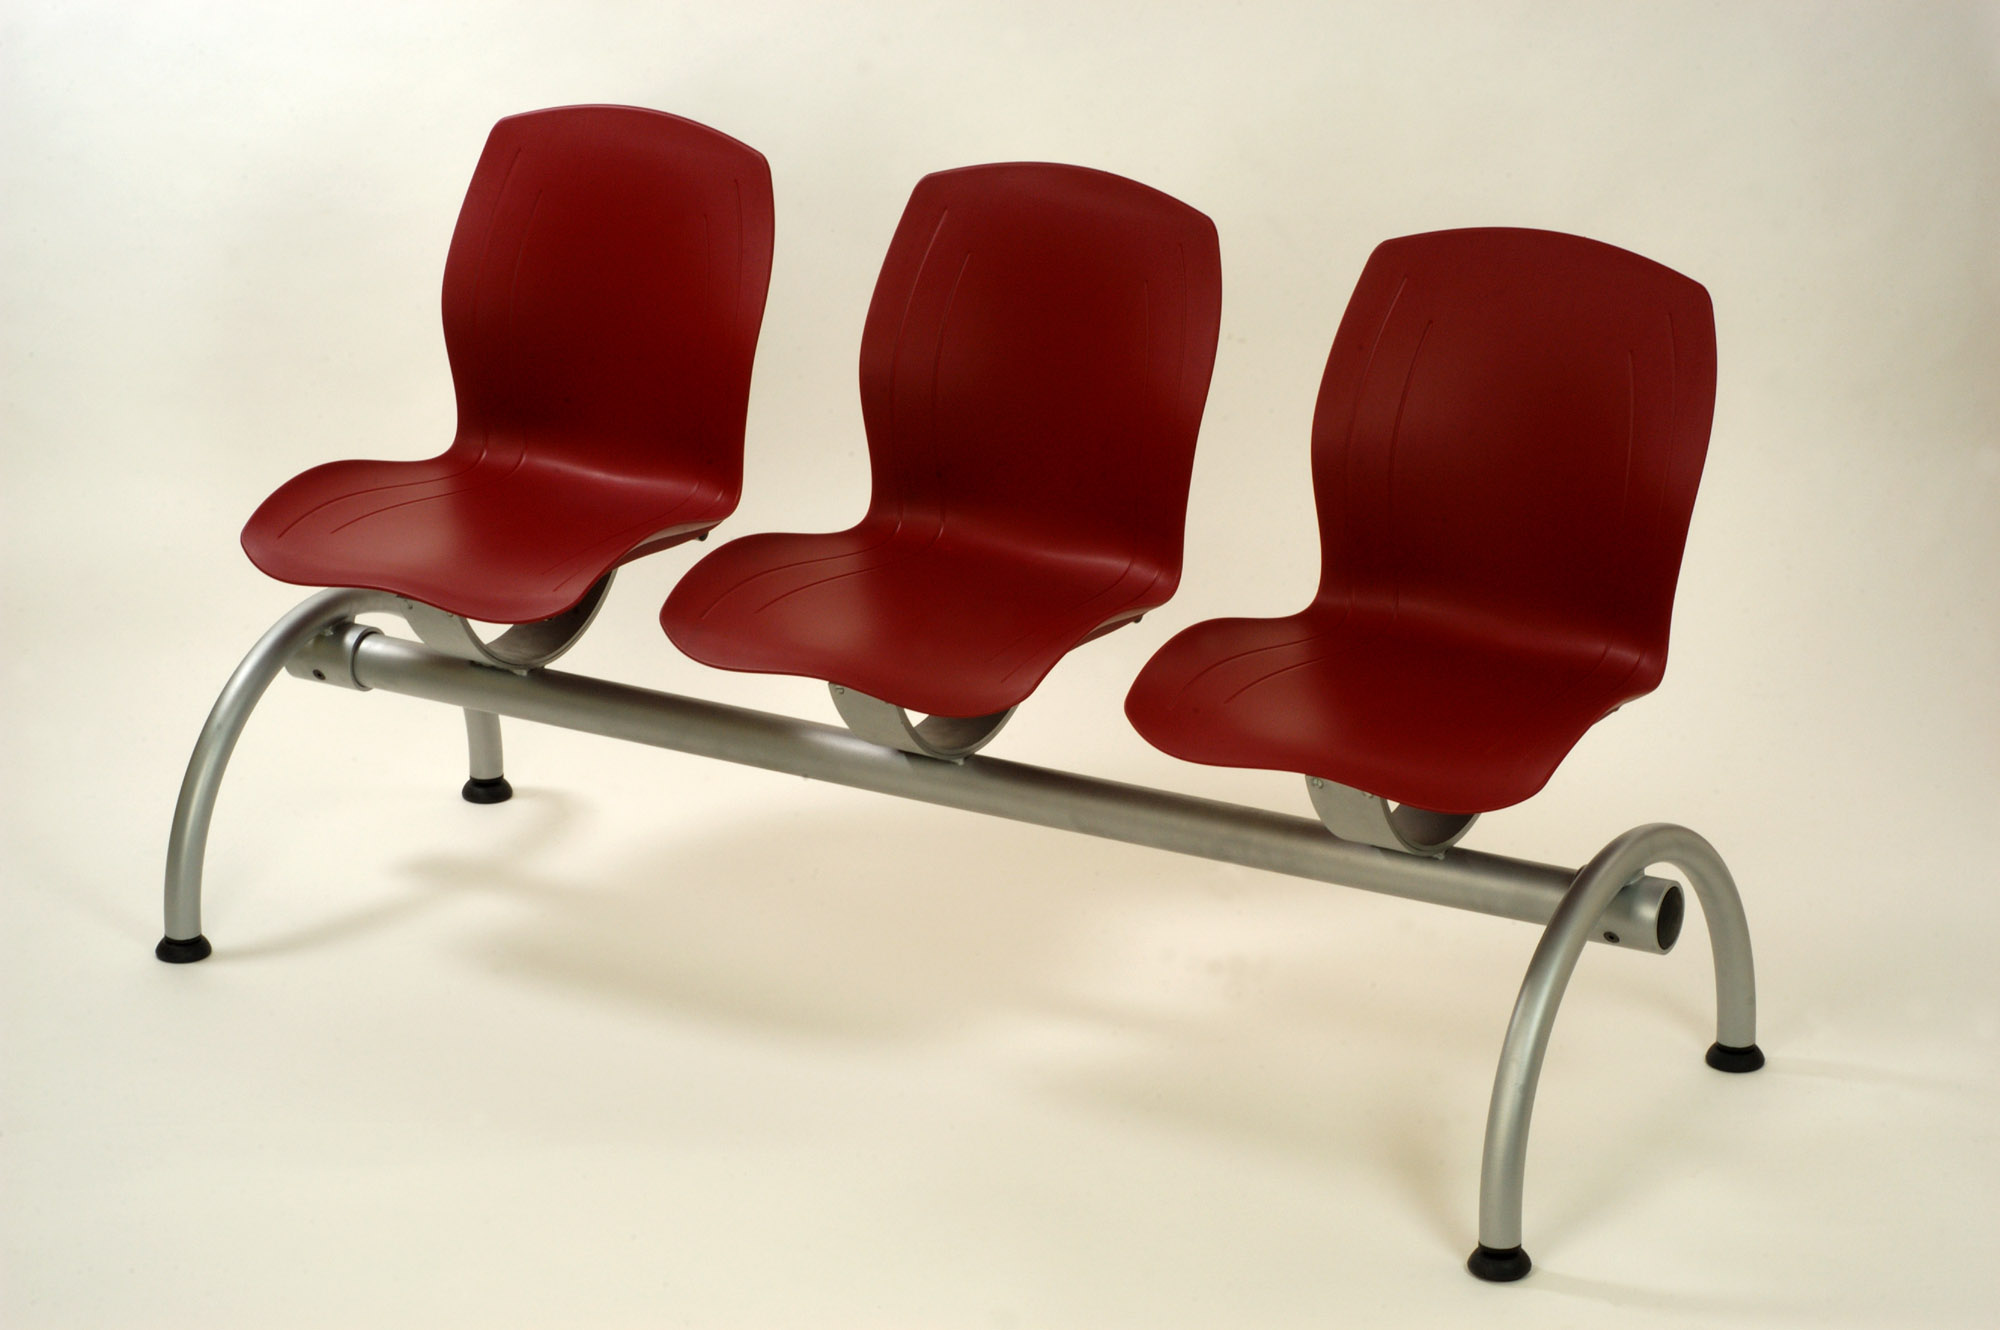 sobeltrade banc trois places pour salle d 39 attente. Black Bedroom Furniture Sets. Home Design Ideas